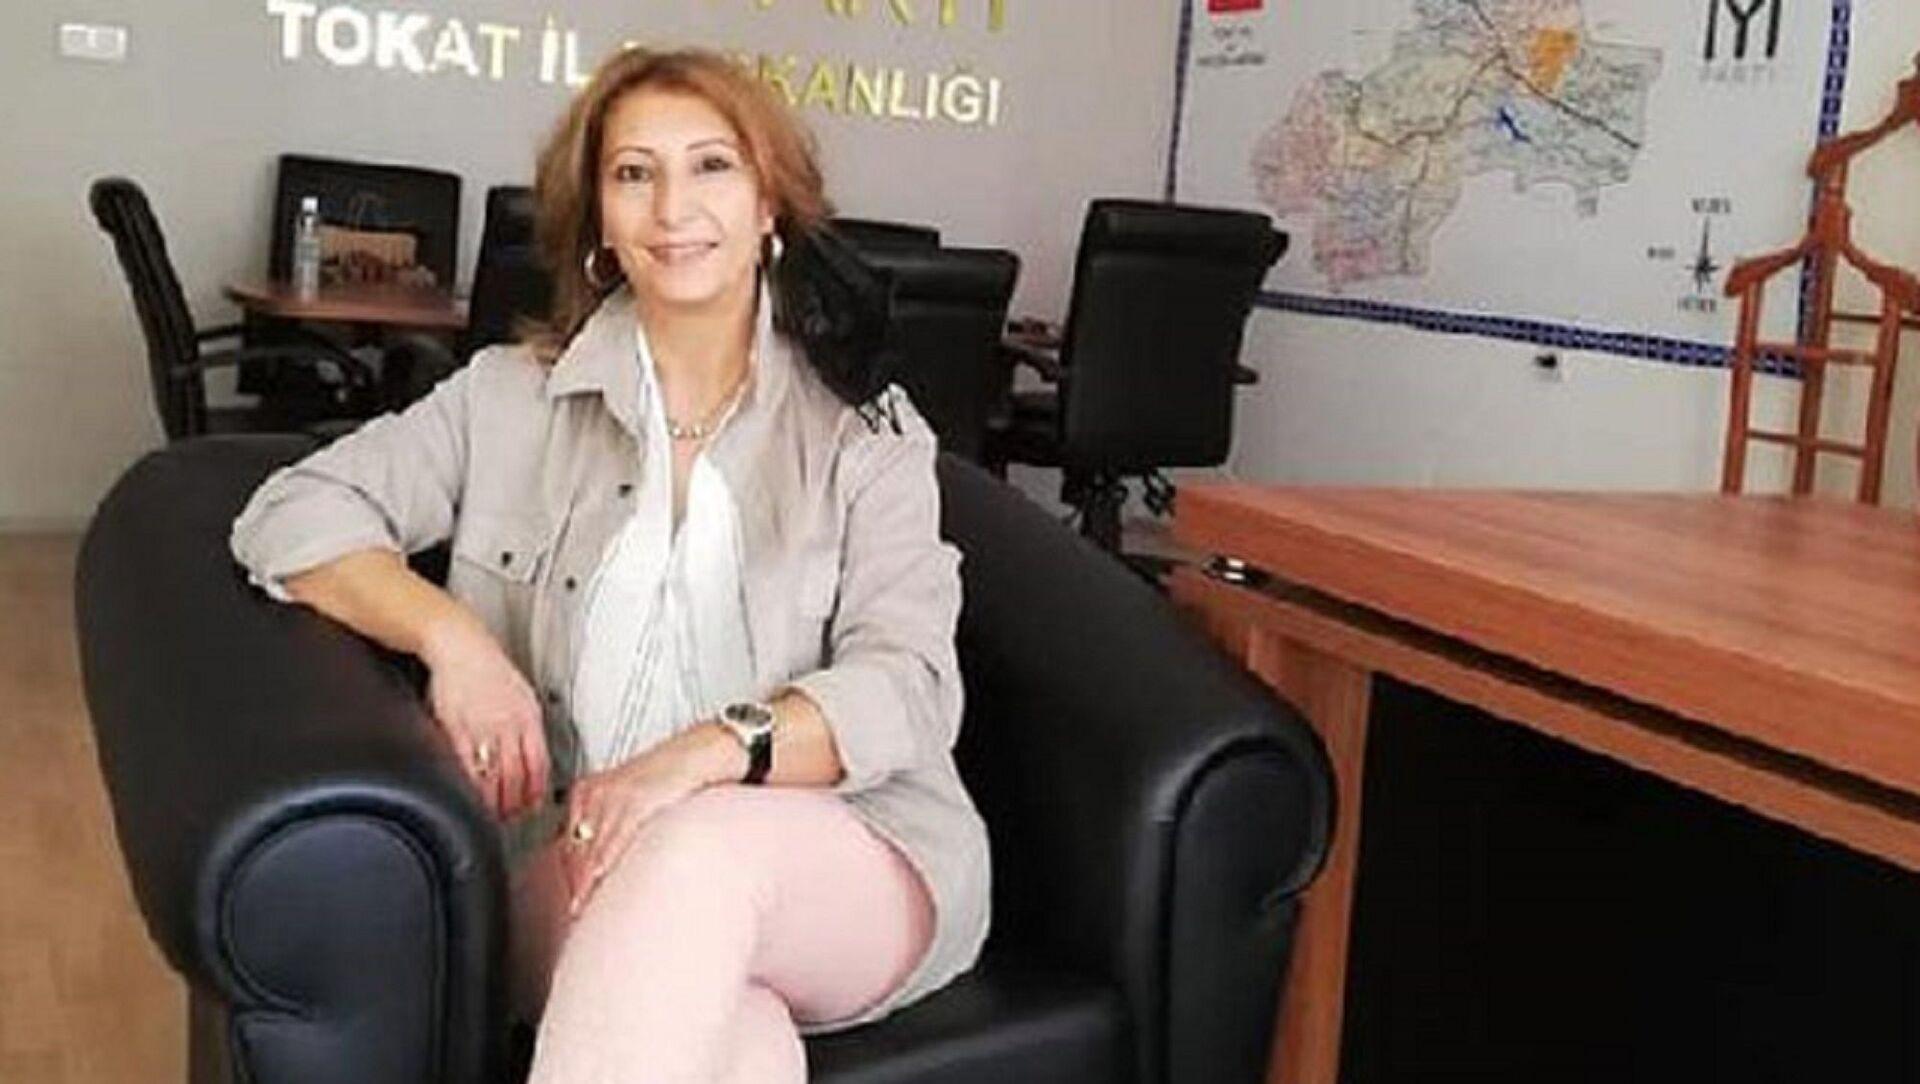 İYİ Parti Tokat İl Yönetim Kurulu üyesi Uğur Songül Sarıtaşlı  - Sputnik Türkiye, 1920, 27.07.2021